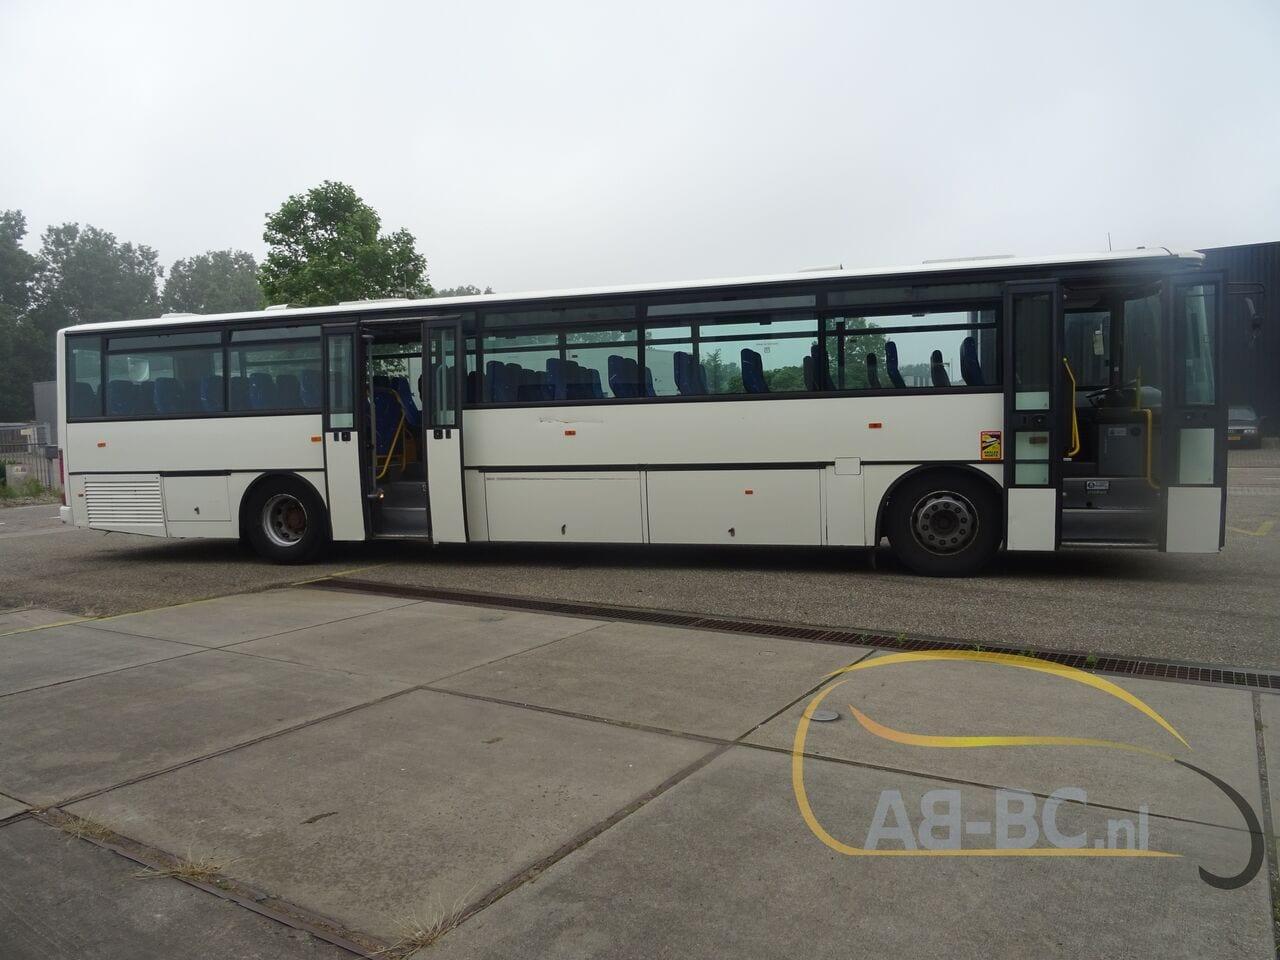 interurban-busIVECO-Irisbus-Recreo-64-Seats---1626159846890552454_big_2b421dcf28bc890adb97996abbc6e613--21071309575983154500